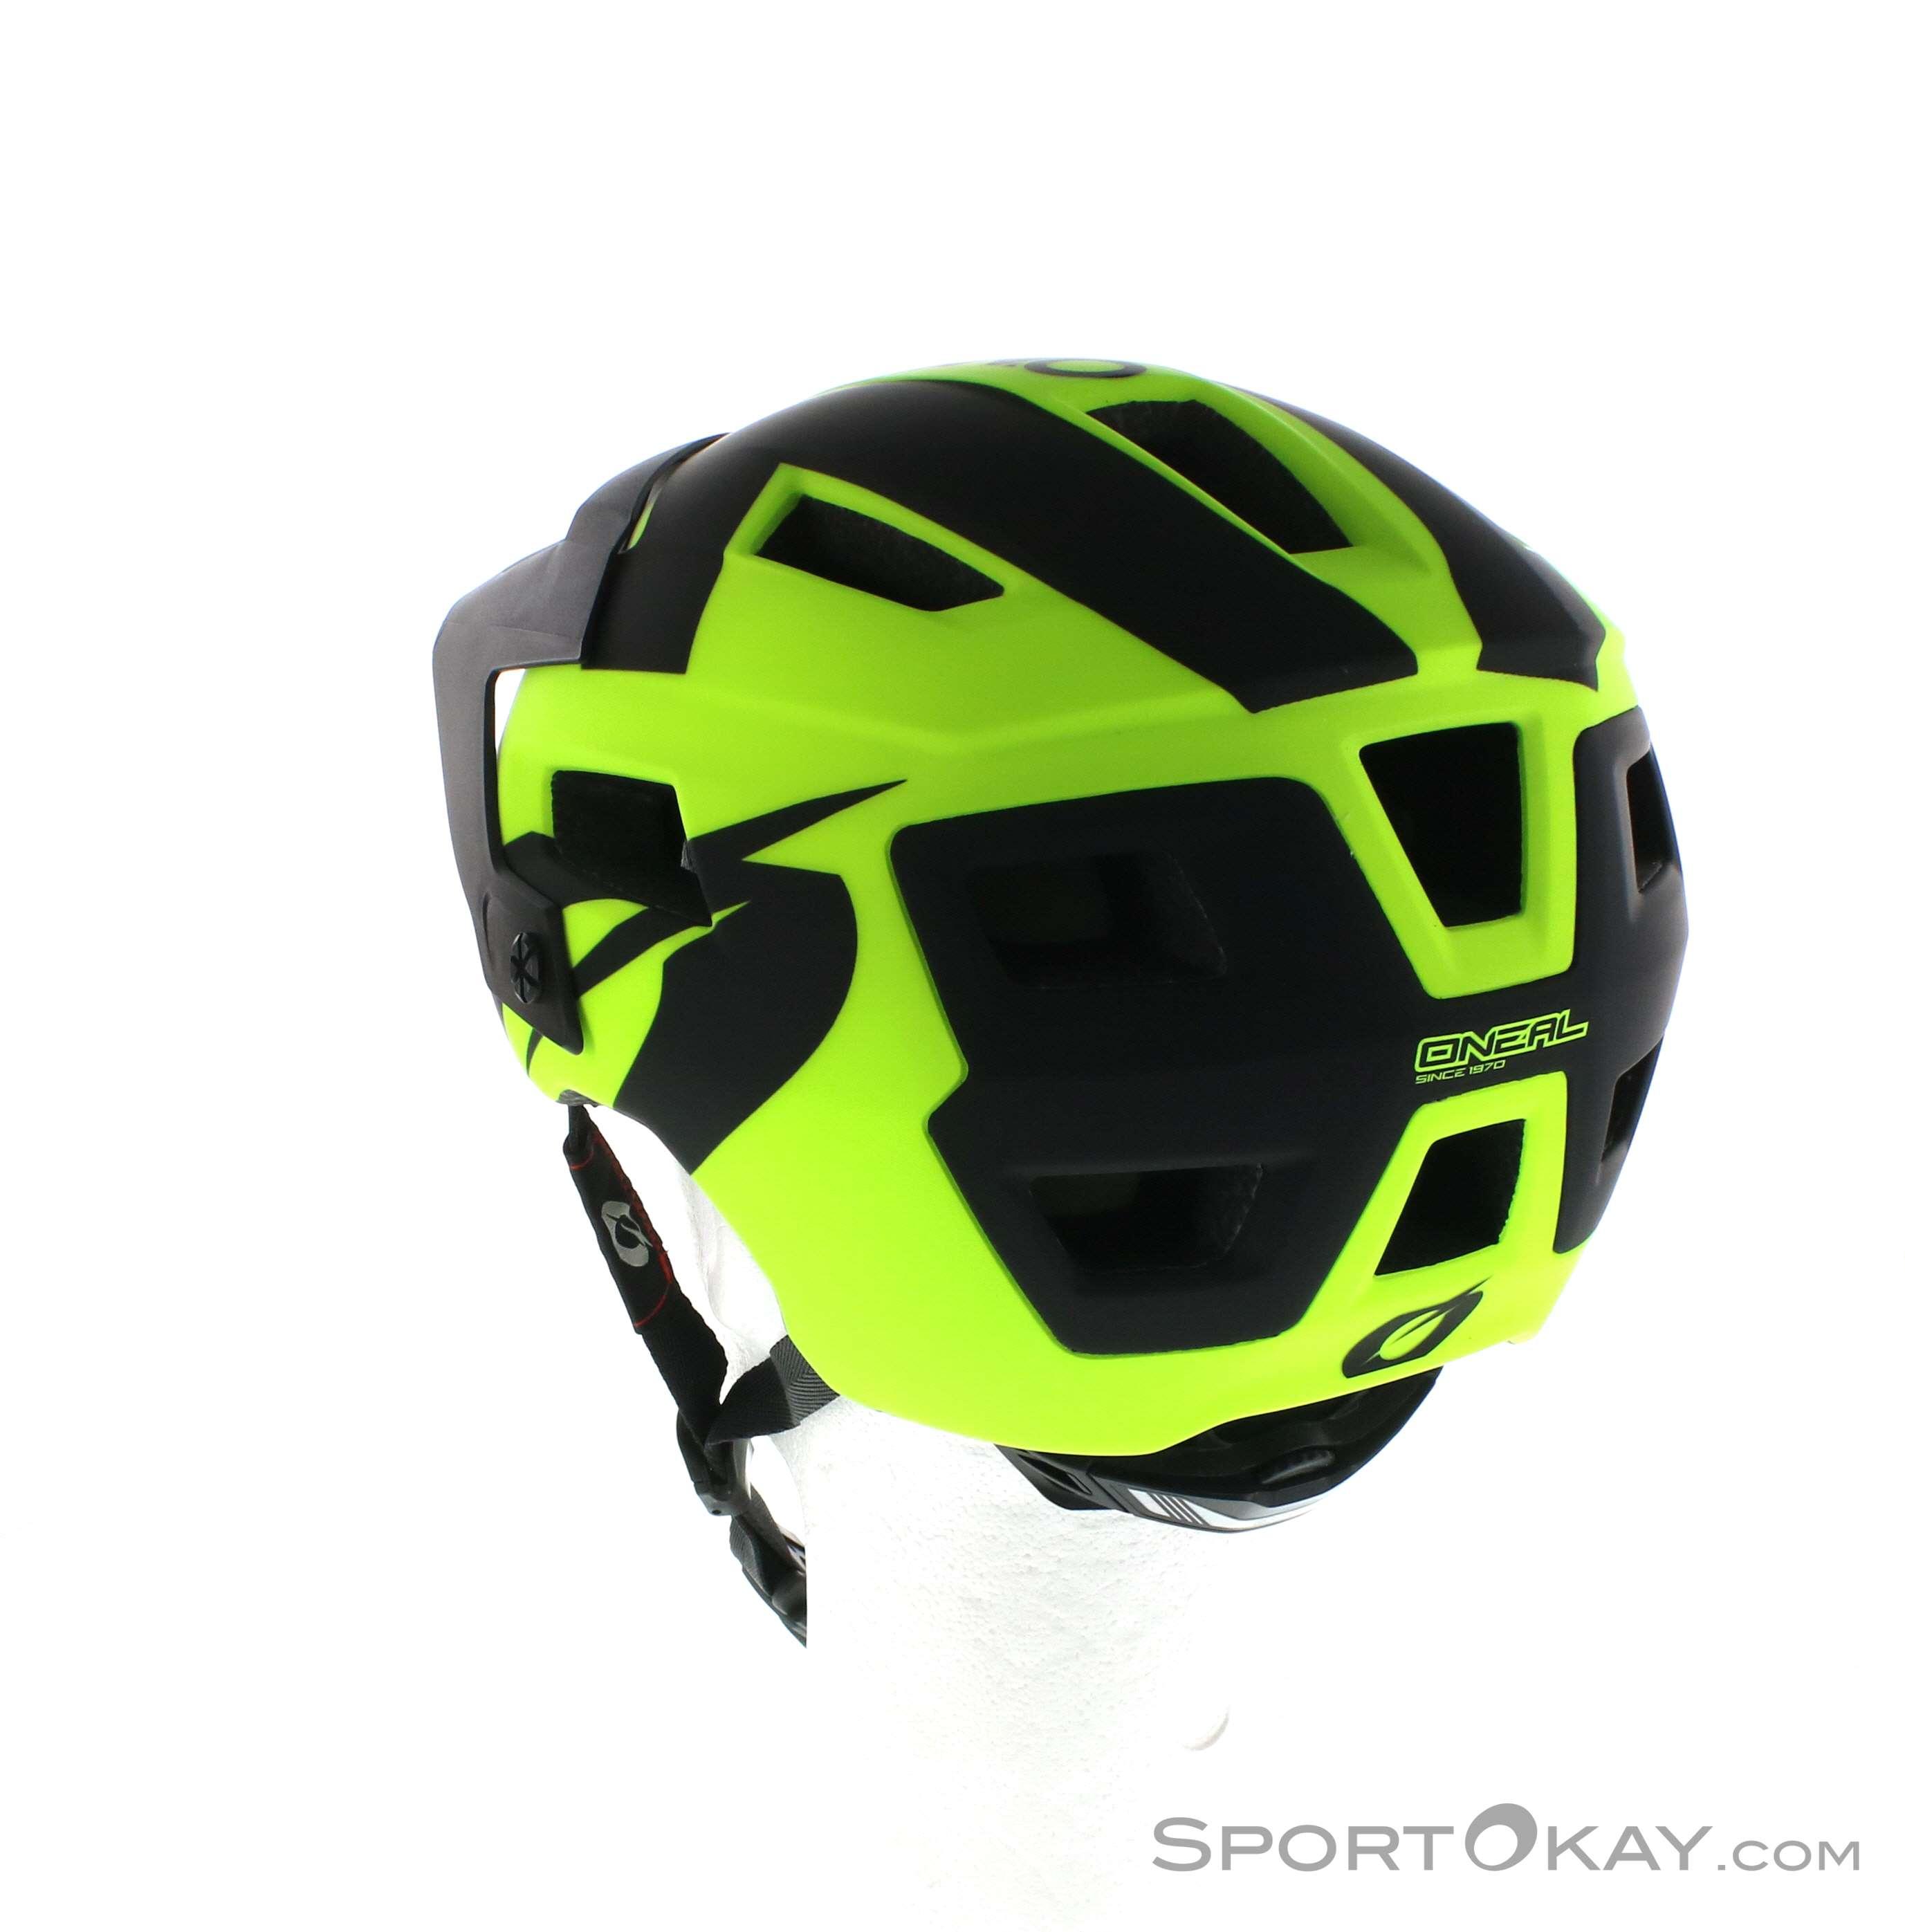 Oneal Defender 2.0 Slovakia Mountain Bike Helmet 2018 Orange Teal MTB Enduro